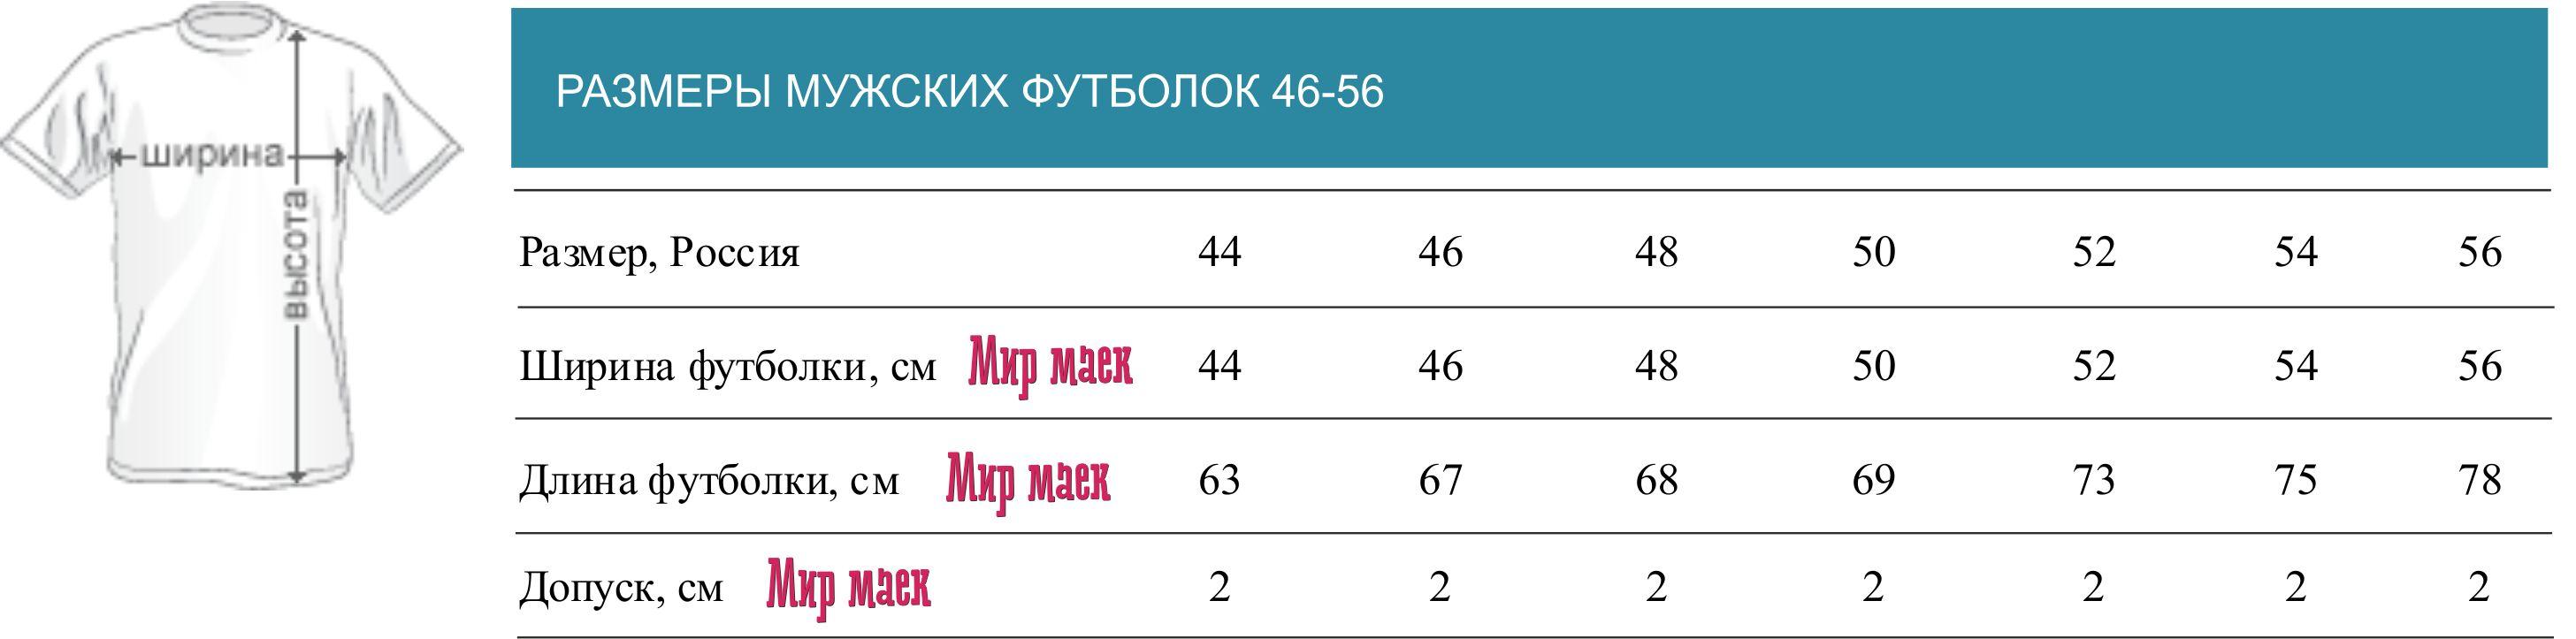 русские размеры мужских футболок